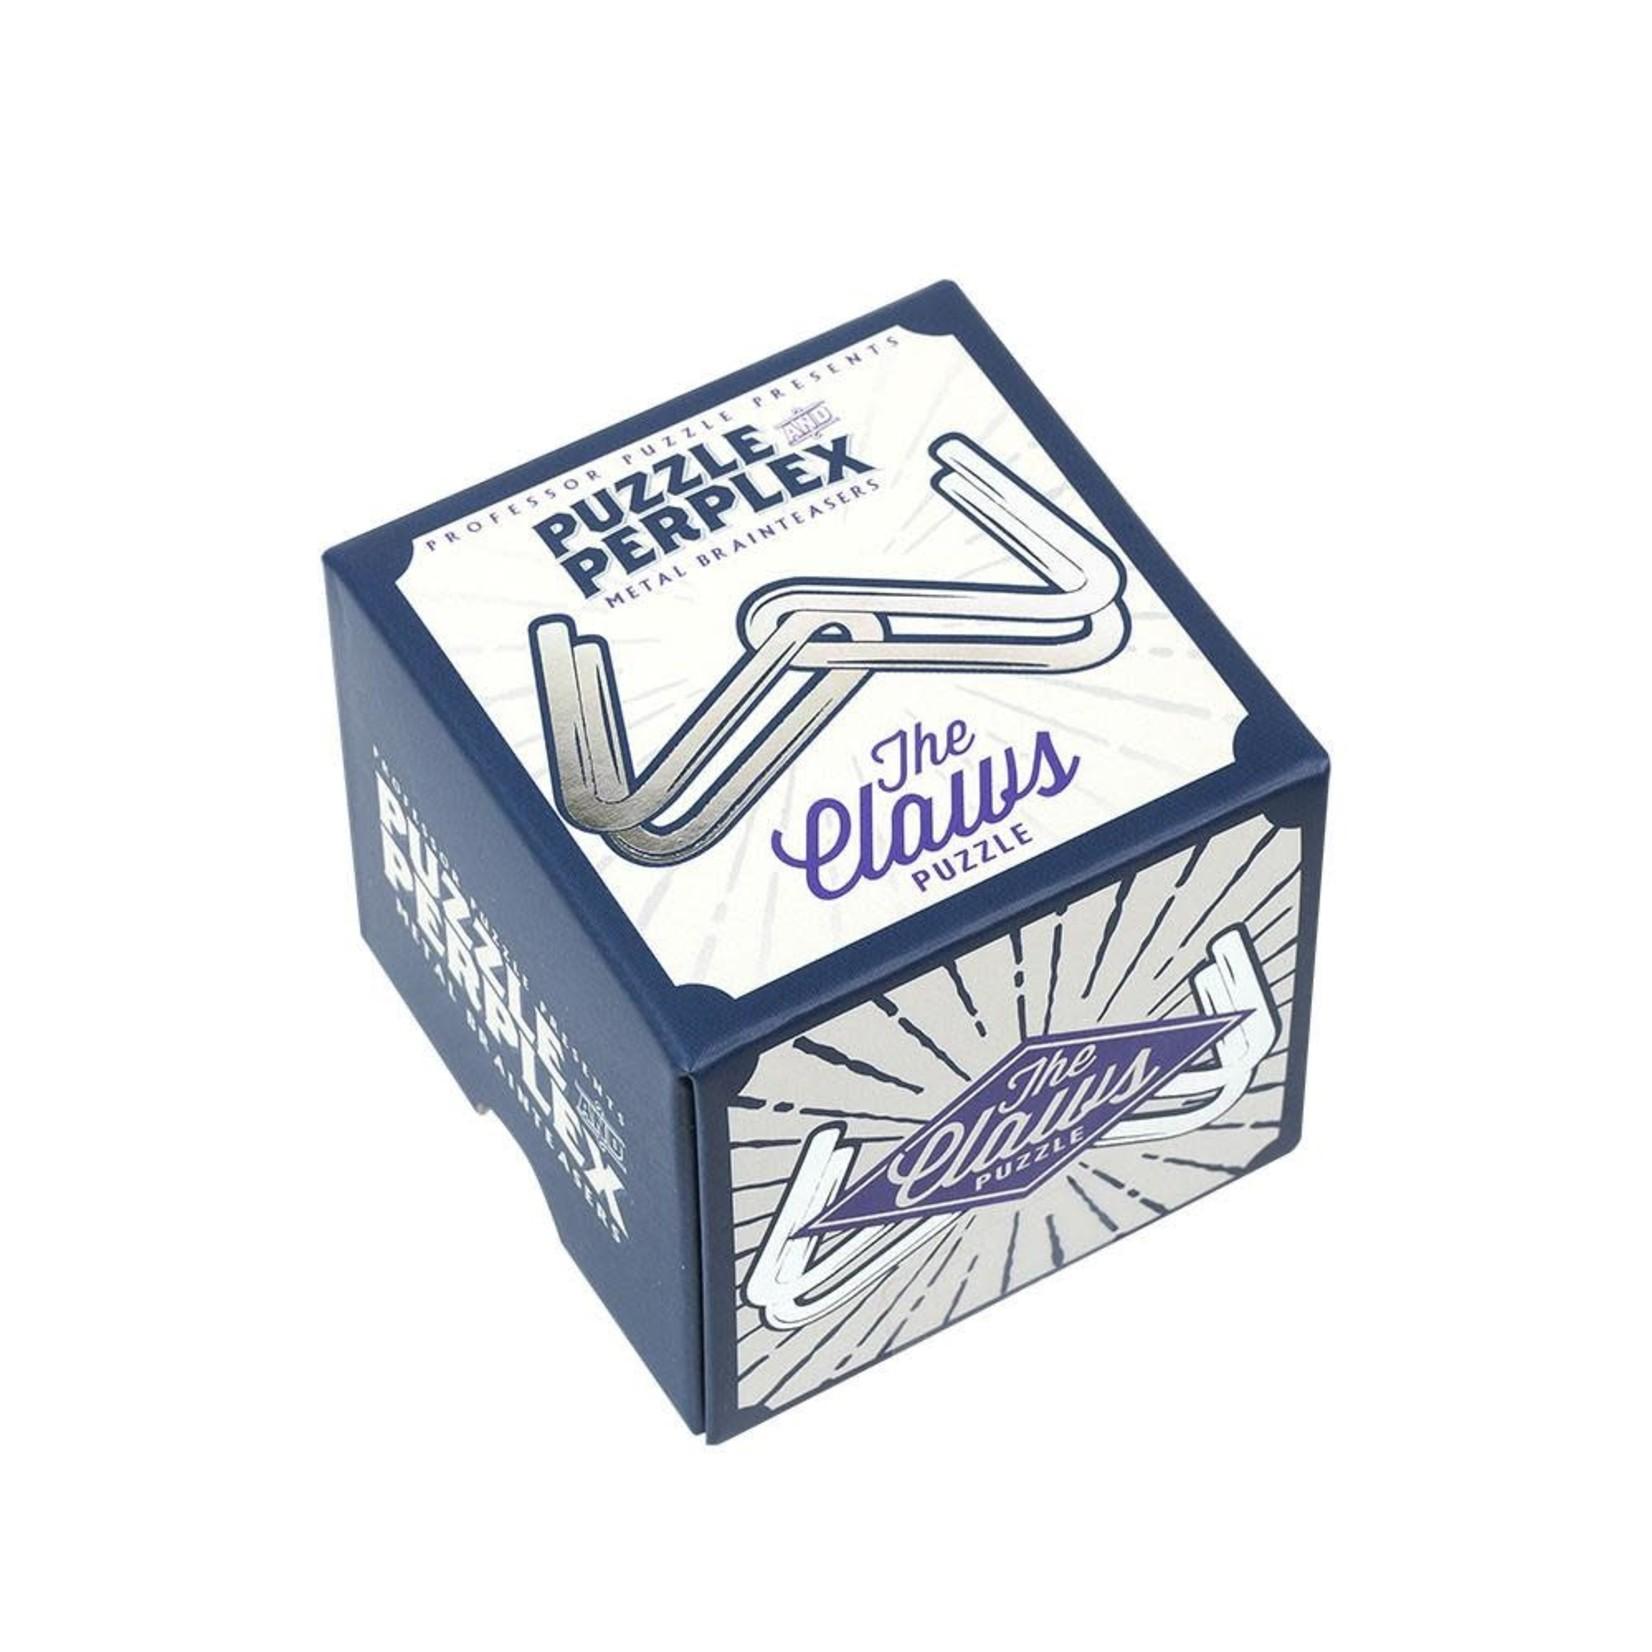 Professor Puzzle Puzzle & Perplex Puzzlebox - The Claws